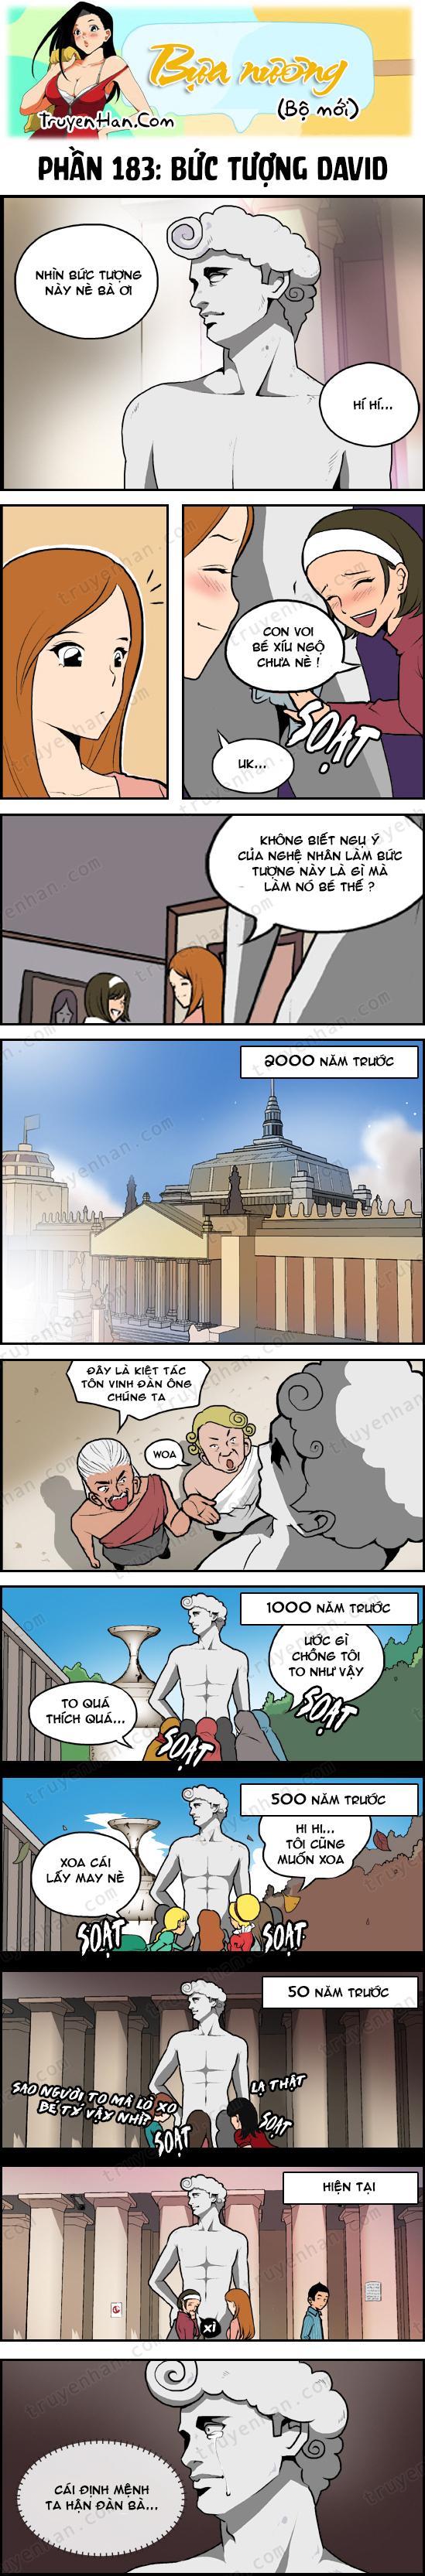 Bựa nương (bộ mới) phần 183: Bức tượng David